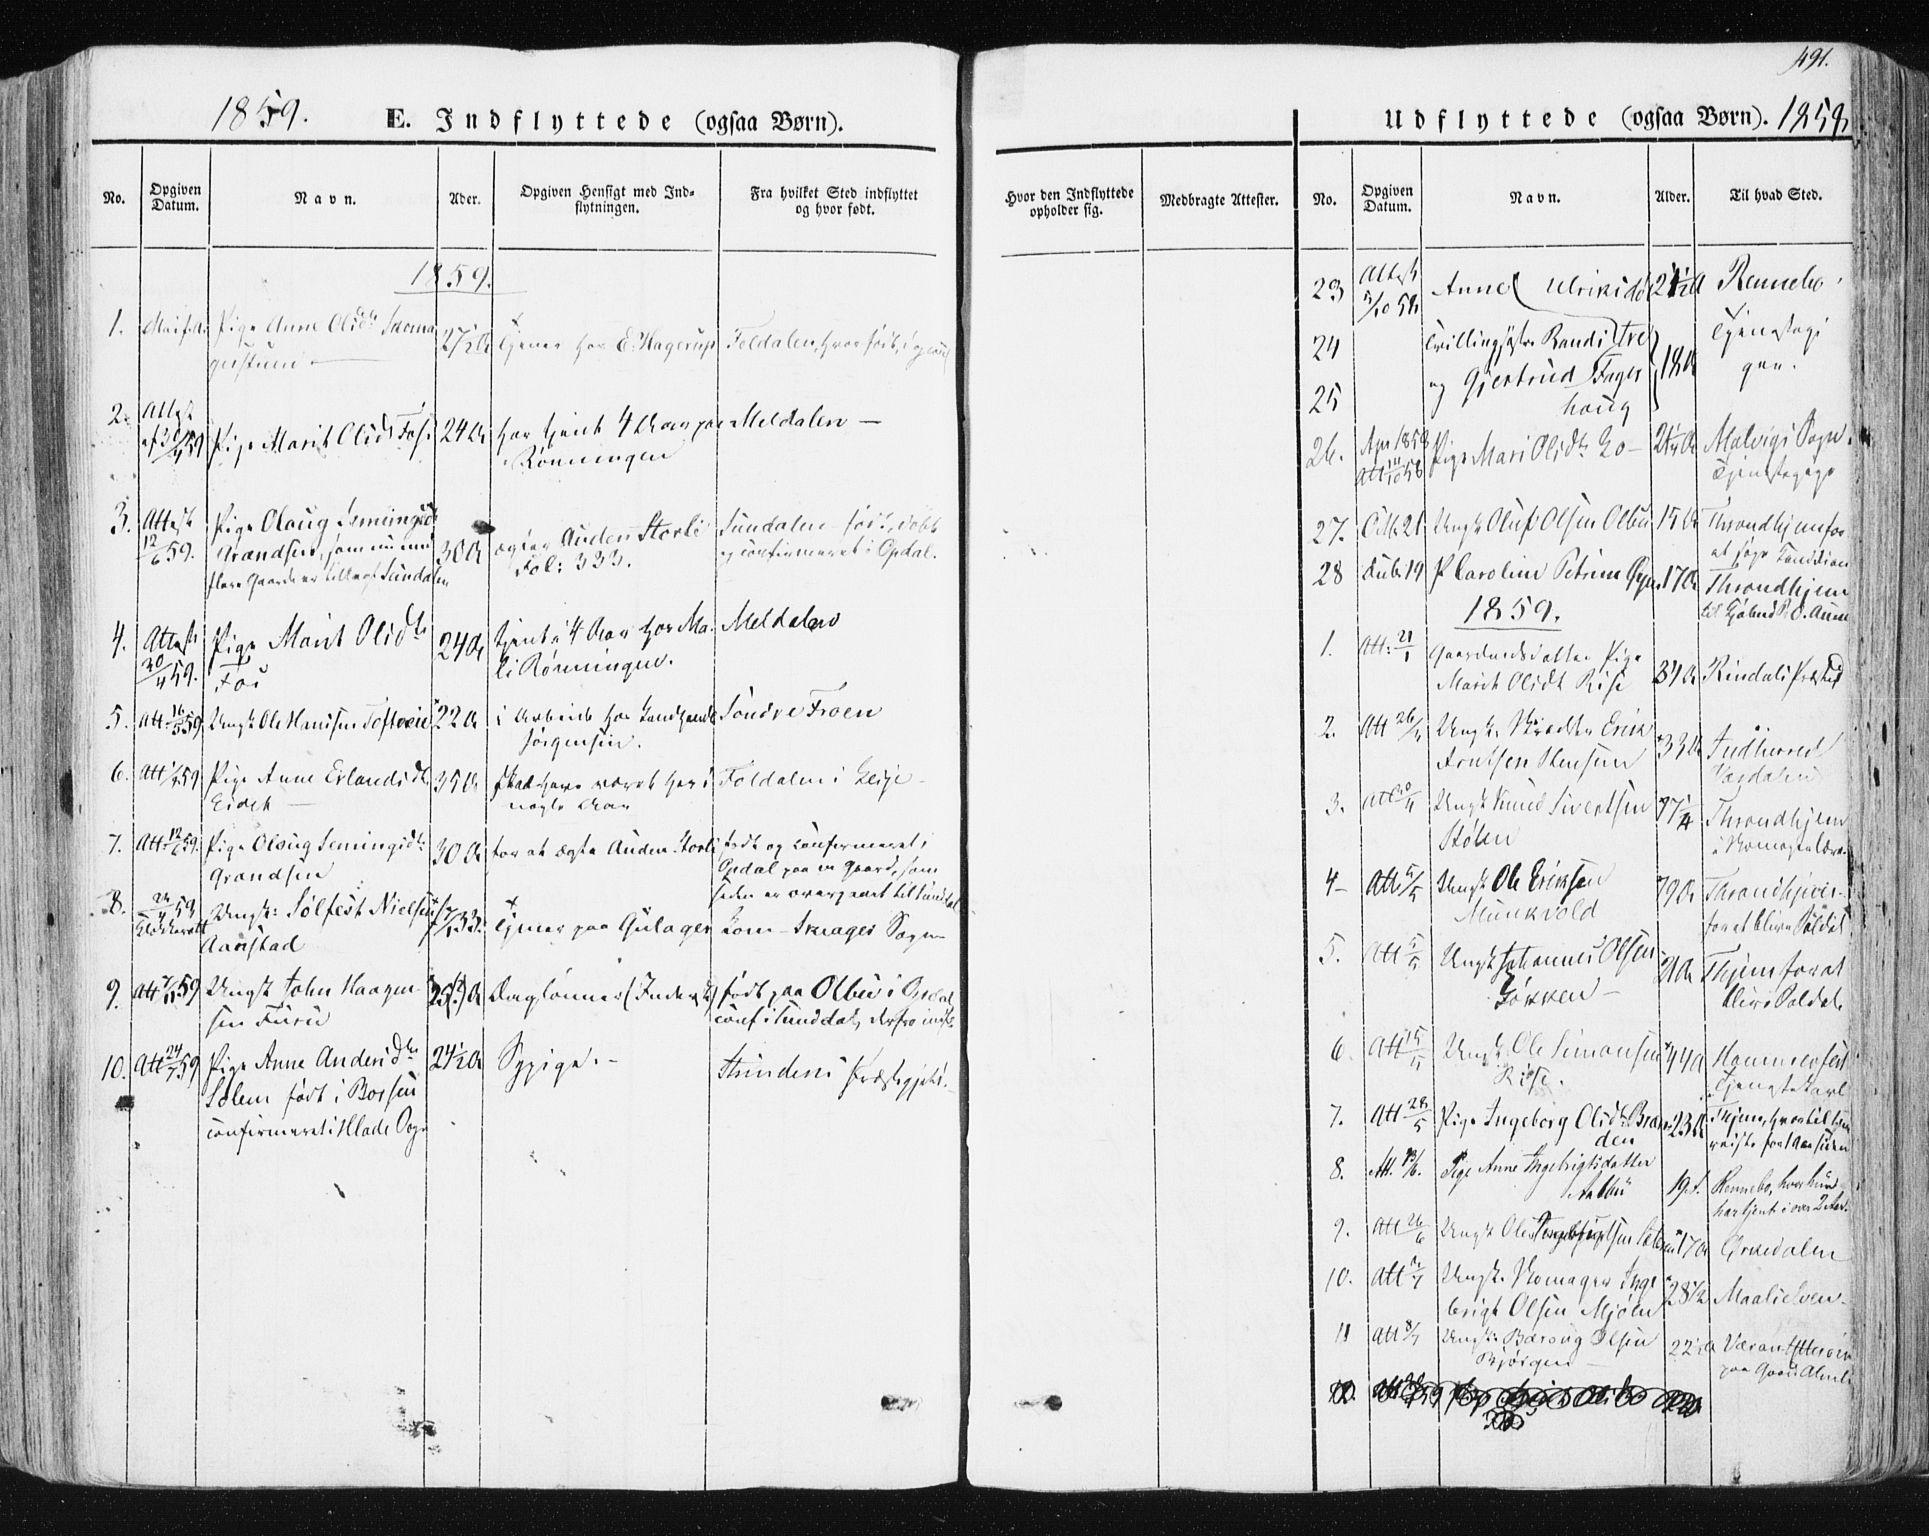 SAT, Ministerialprotokoller, klokkerbøker og fødselsregistre - Sør-Trøndelag, 678/L0899: Ministerialbok nr. 678A08, 1848-1872, s. 491